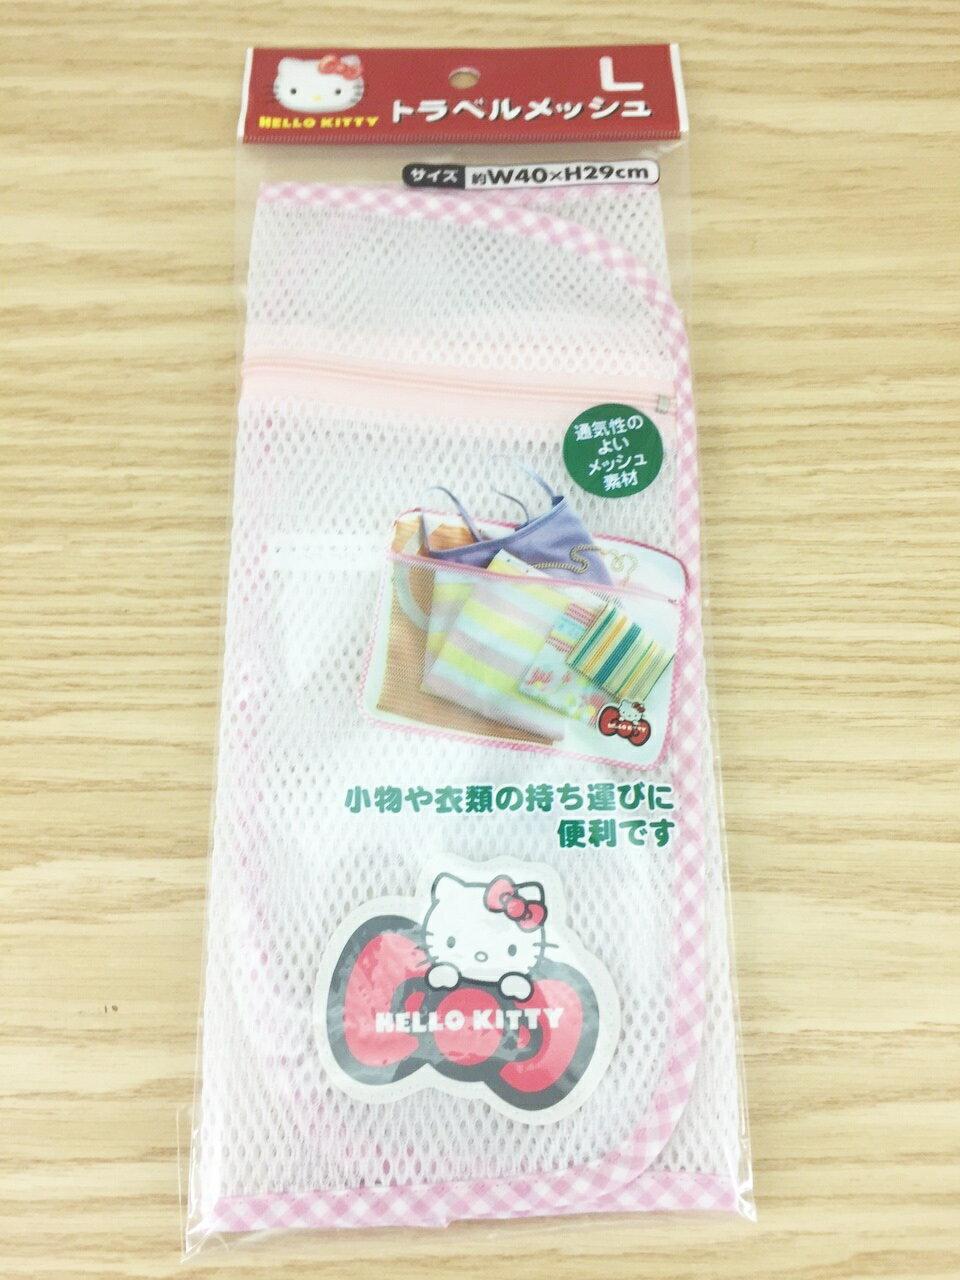 【真愛日本】15122500003 網狀透氣多工收納袋L-紅結 三麗鷗 Hello Kitty 凱蒂貓 收納袋 雜物收納